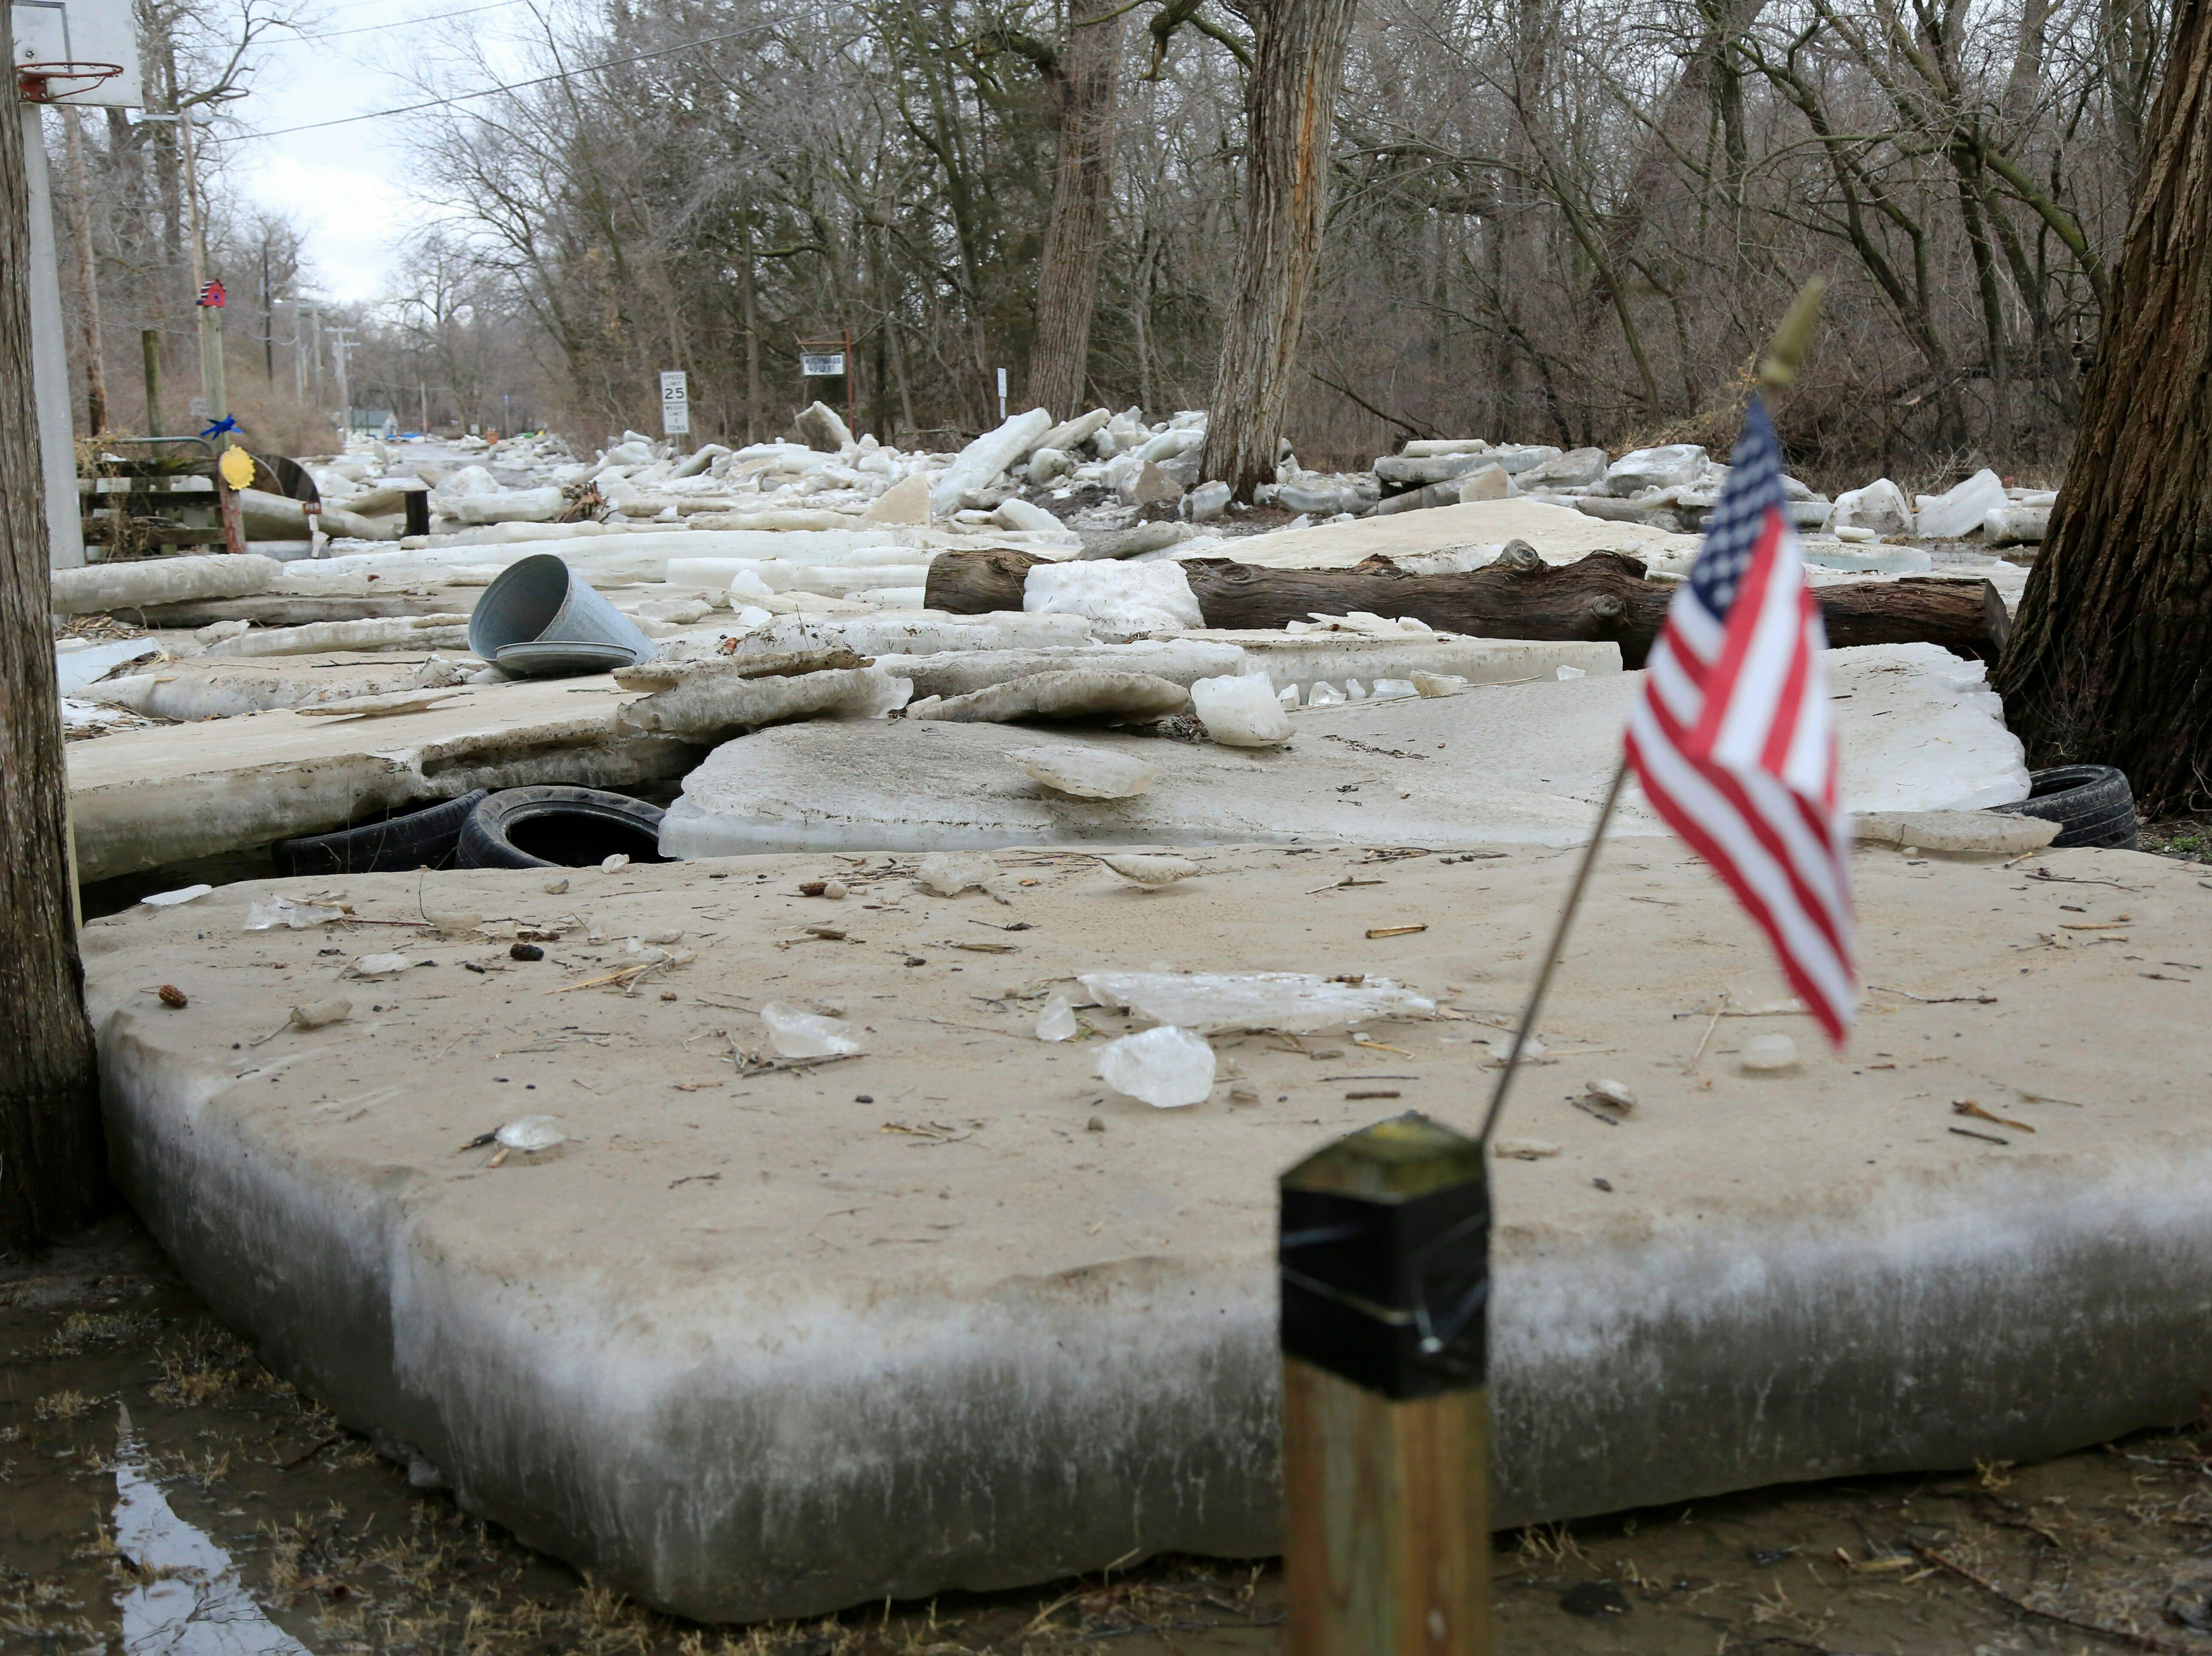 Las heladas de hielo gruesas se quedan en Fremont, Nebraska, el jueves 14 de marzo de 2019, después de que el río Platte cubierto de hielo inundara sus orillas. Se han producido evacuaciones forzadas por inundaciones en varias comunidades del este de Nebraska.